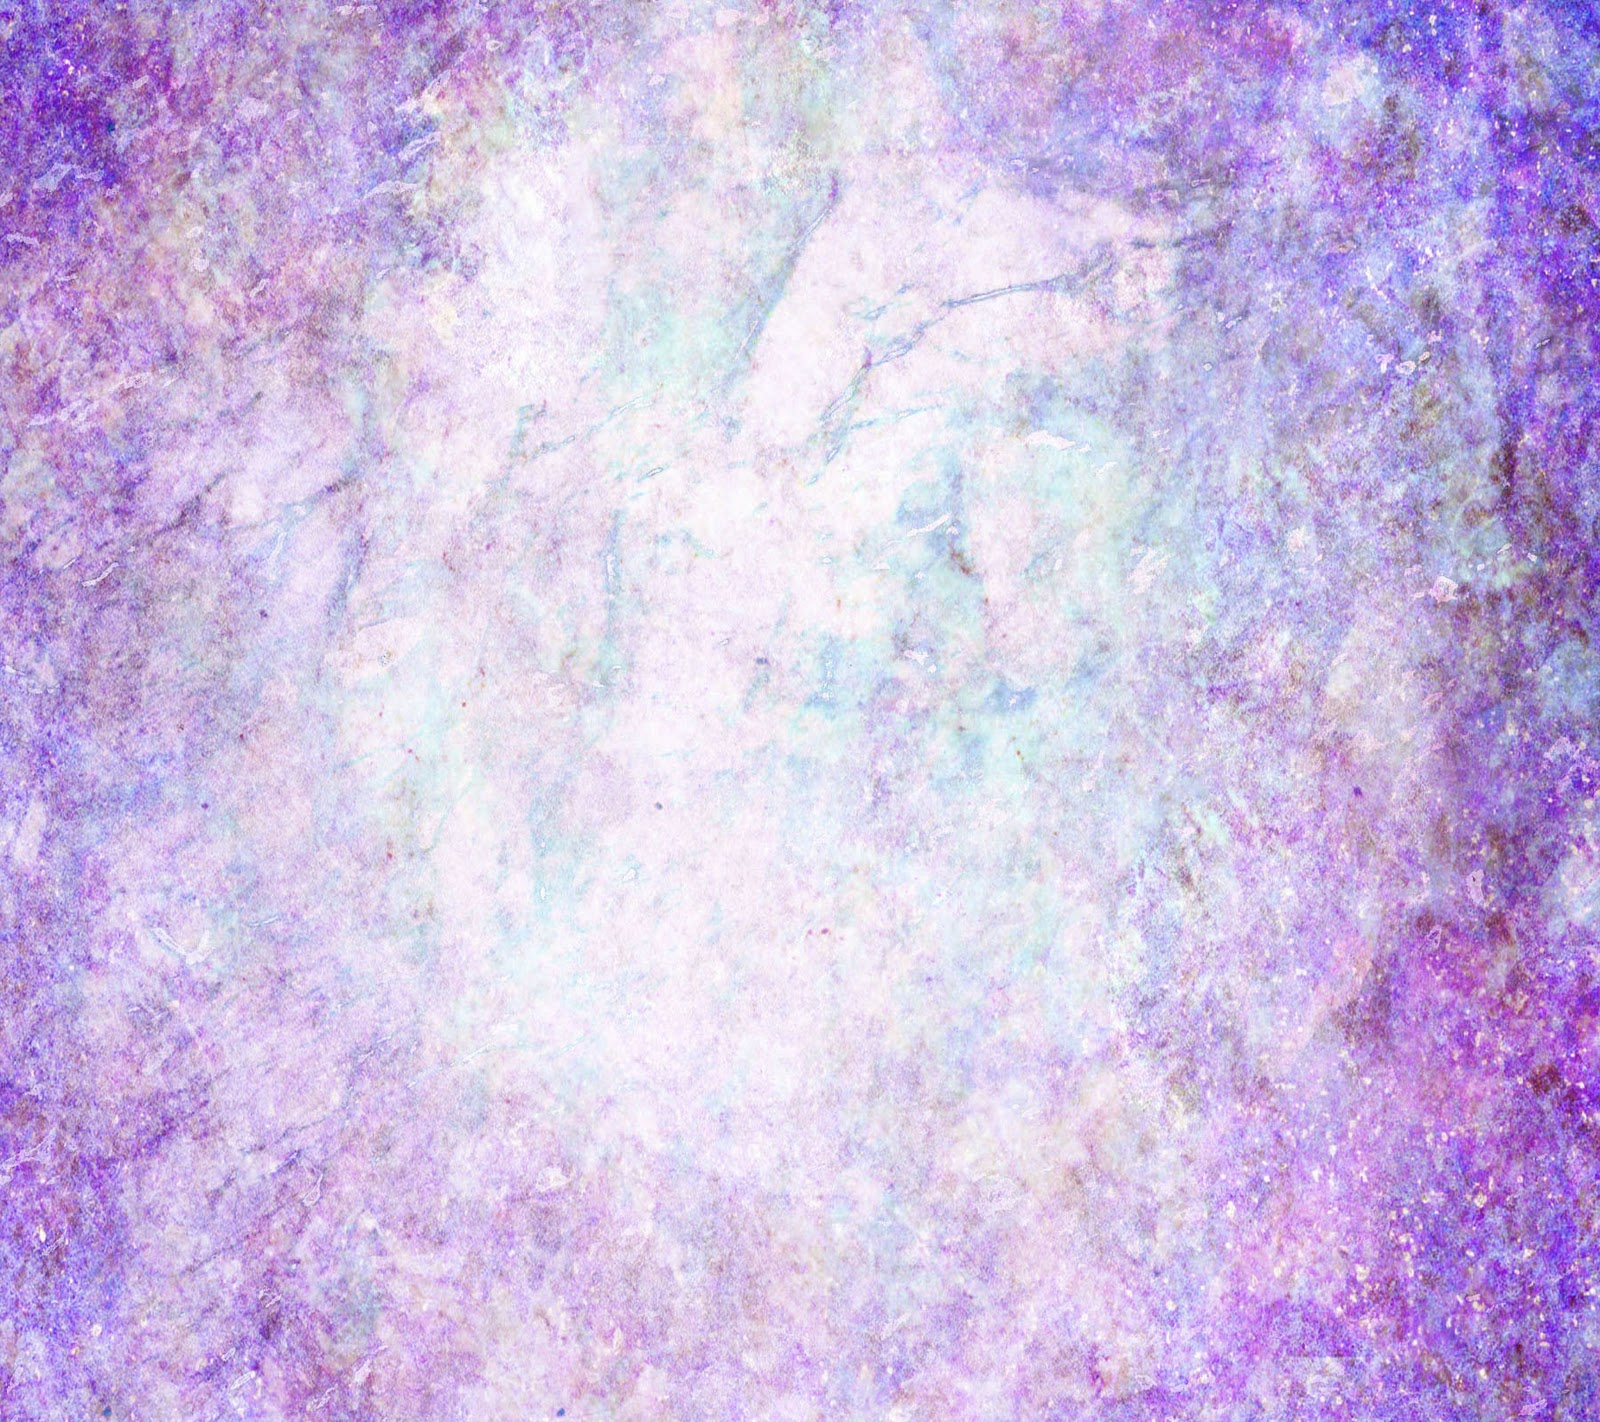 48 Soft Grunge Wallpaper Tumblr On Wallpapersafari